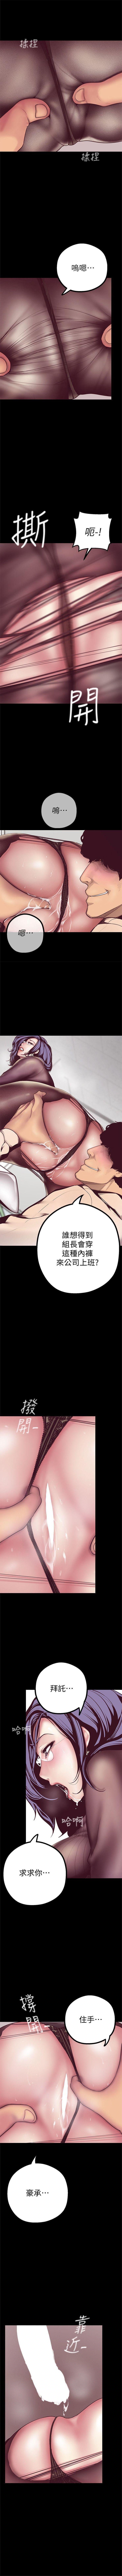 美麗新世界 1-85 官方中文(連載中) 100